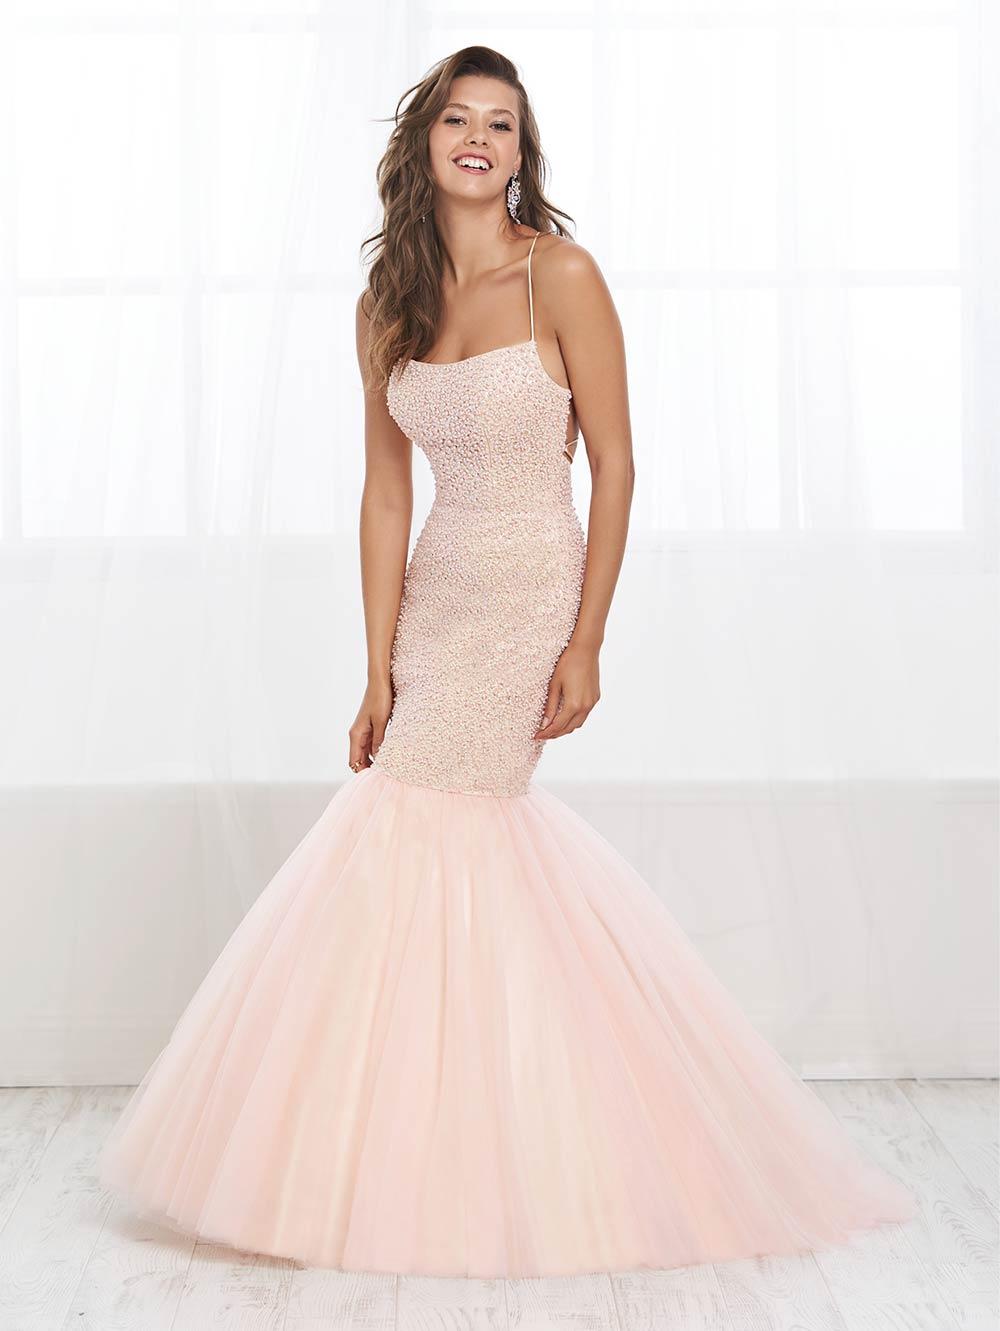 prom-dresses-jacquelin-bridals-canada-27648